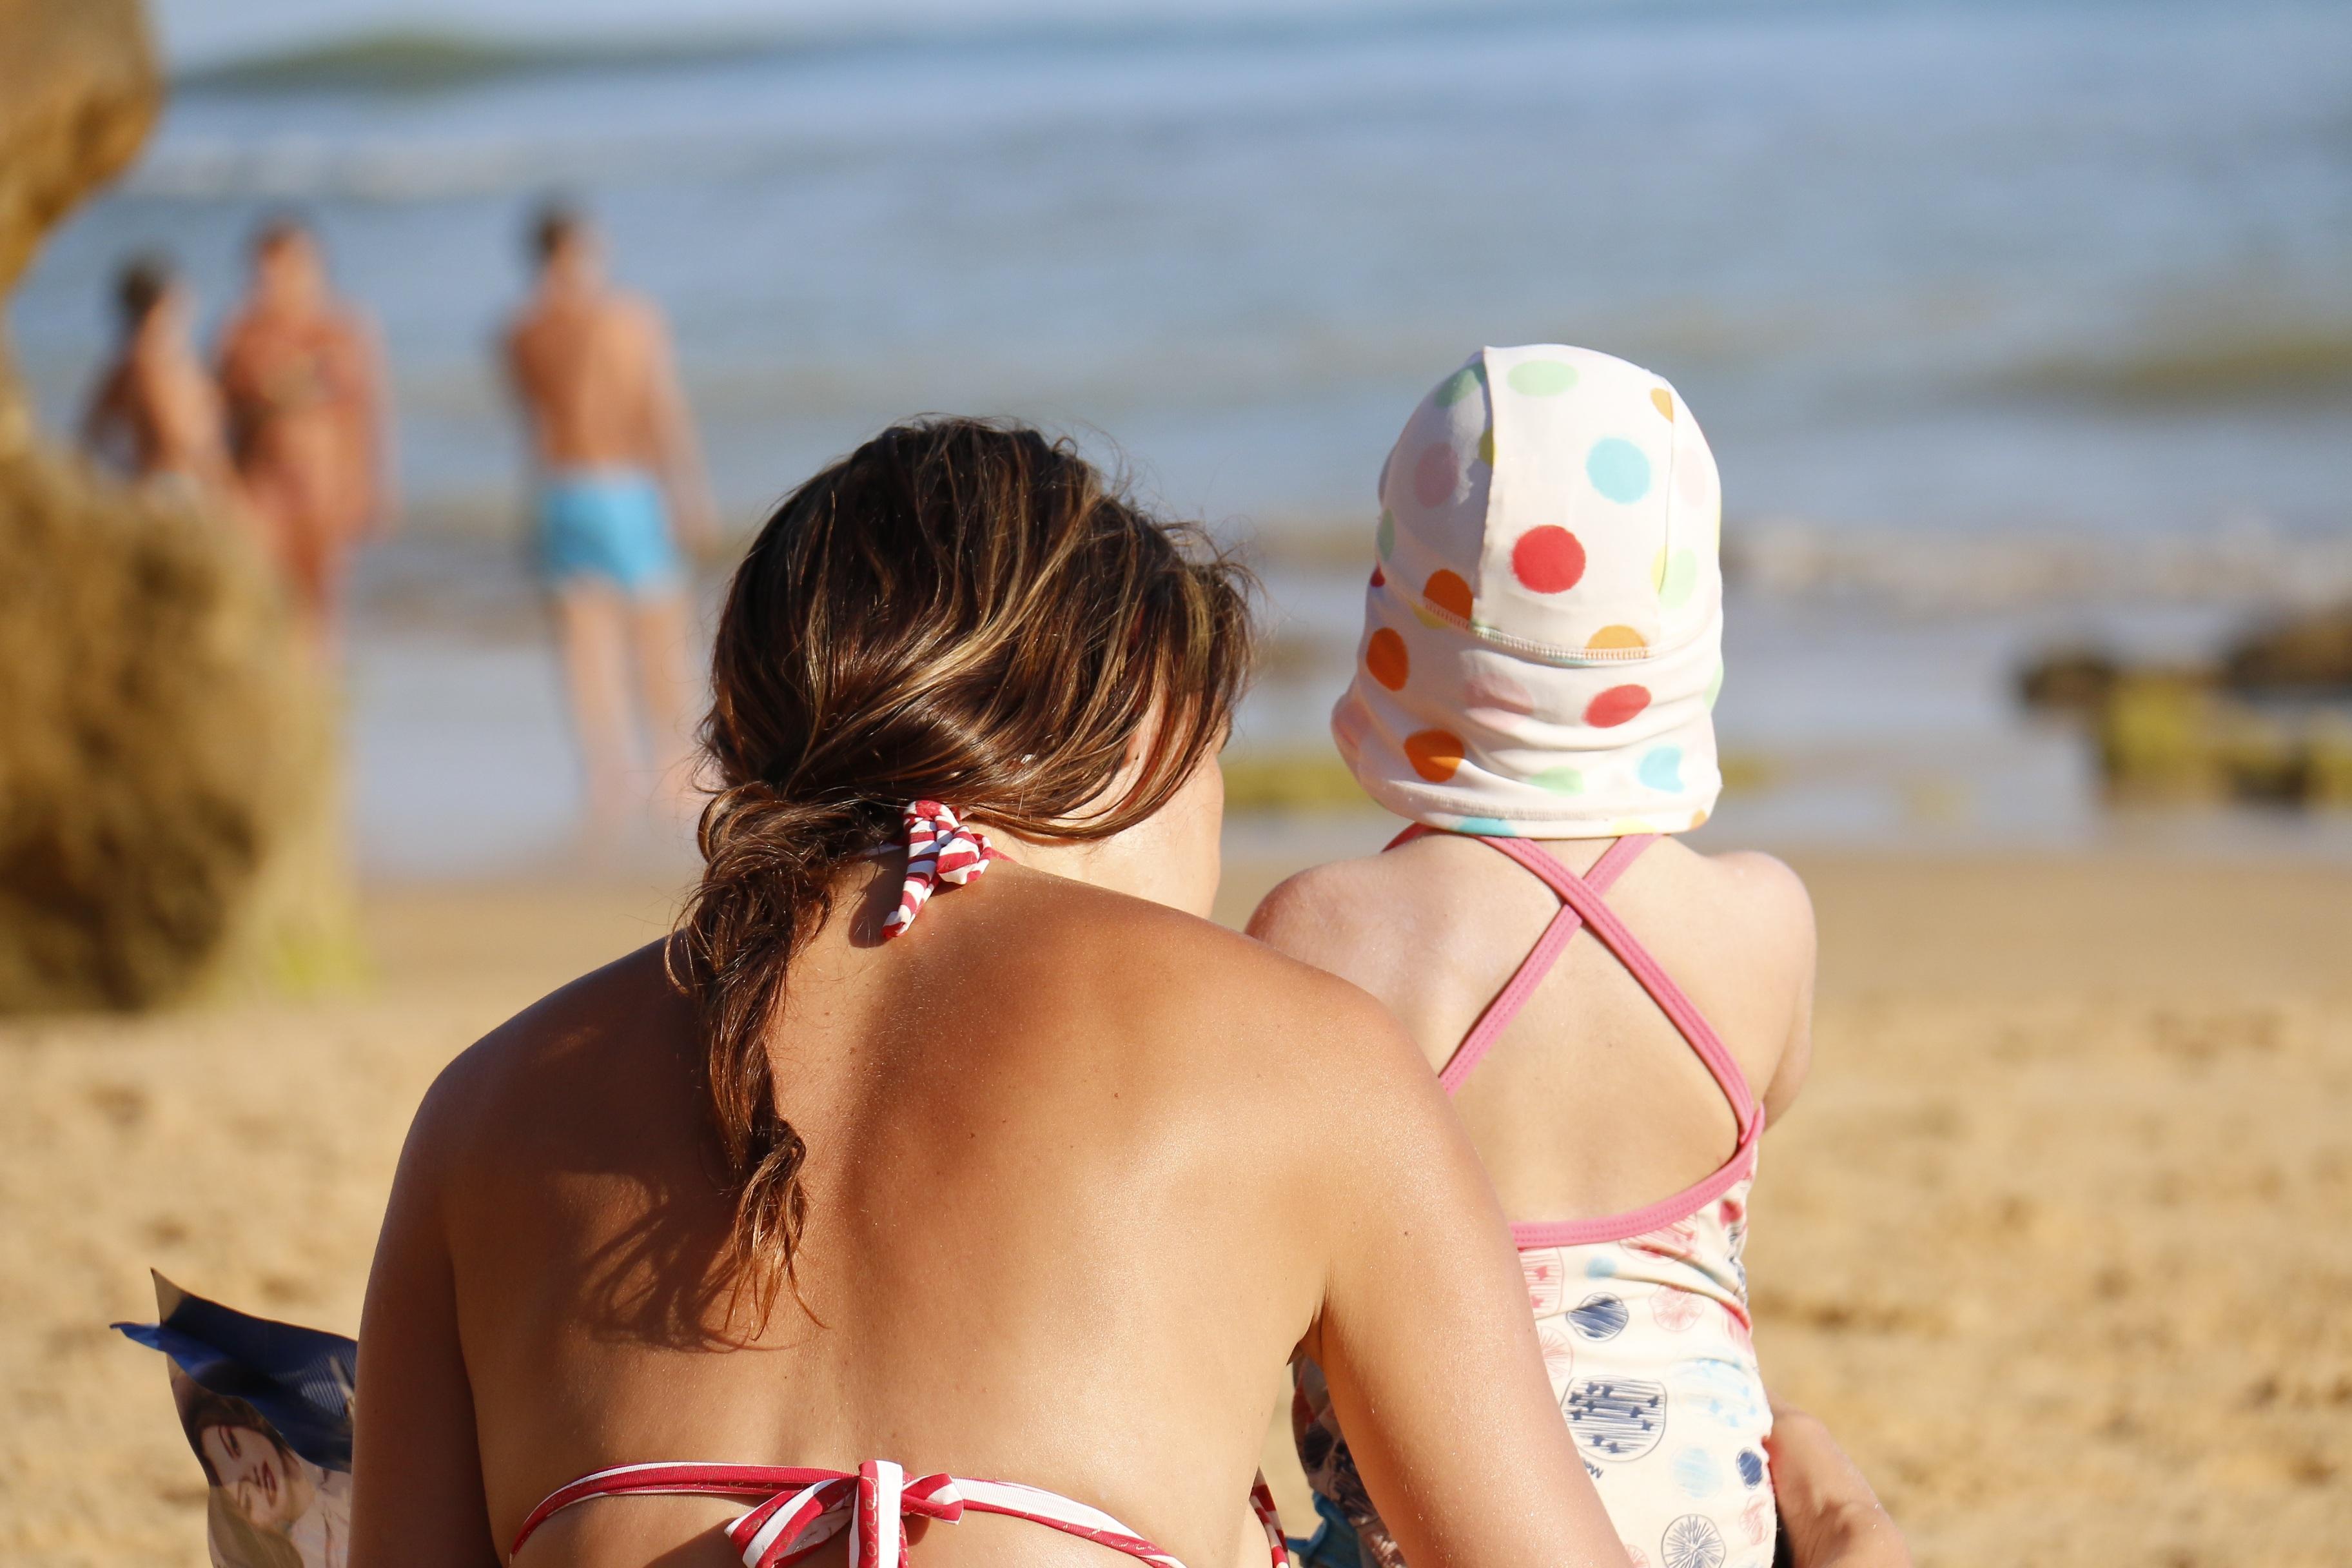 b7bb12d4520 плаж море пясък хора момиче залез ваканция обичам дете облекло сезон живот  бански костюми шега почивни